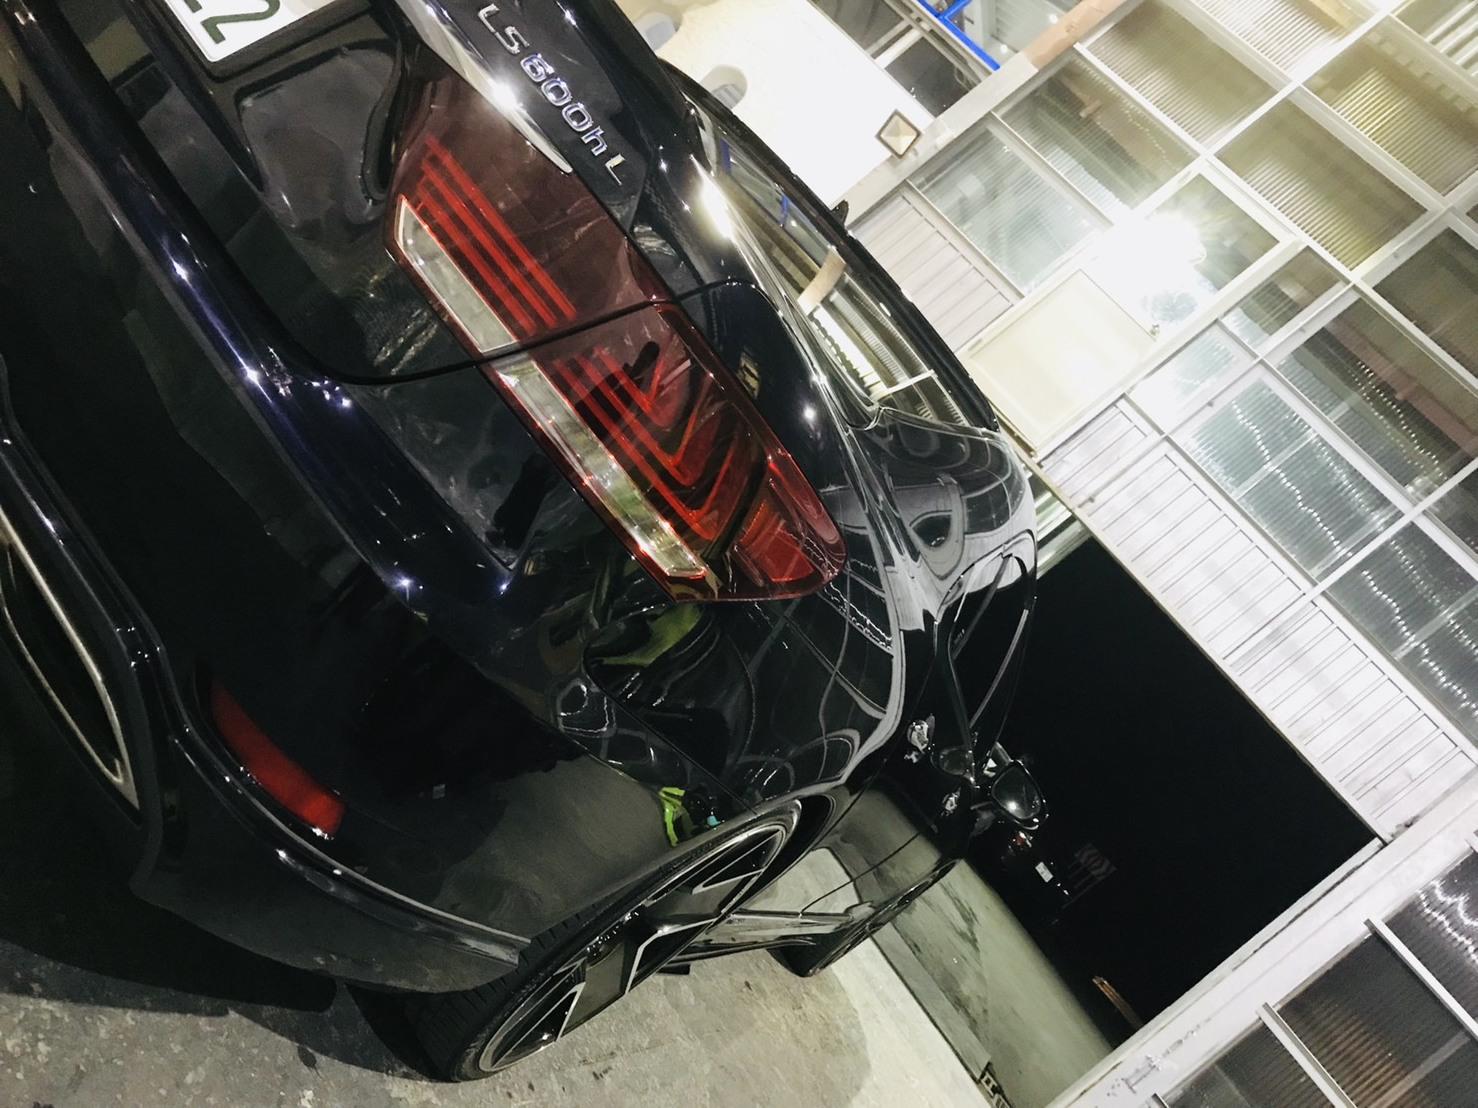 4月2日(月)トミーベース カスタムブログ☆QX56ご成約☆ヴェルファイア LS600 ダッチチャレンジャー納車☆_b0127002_11000512.jpg